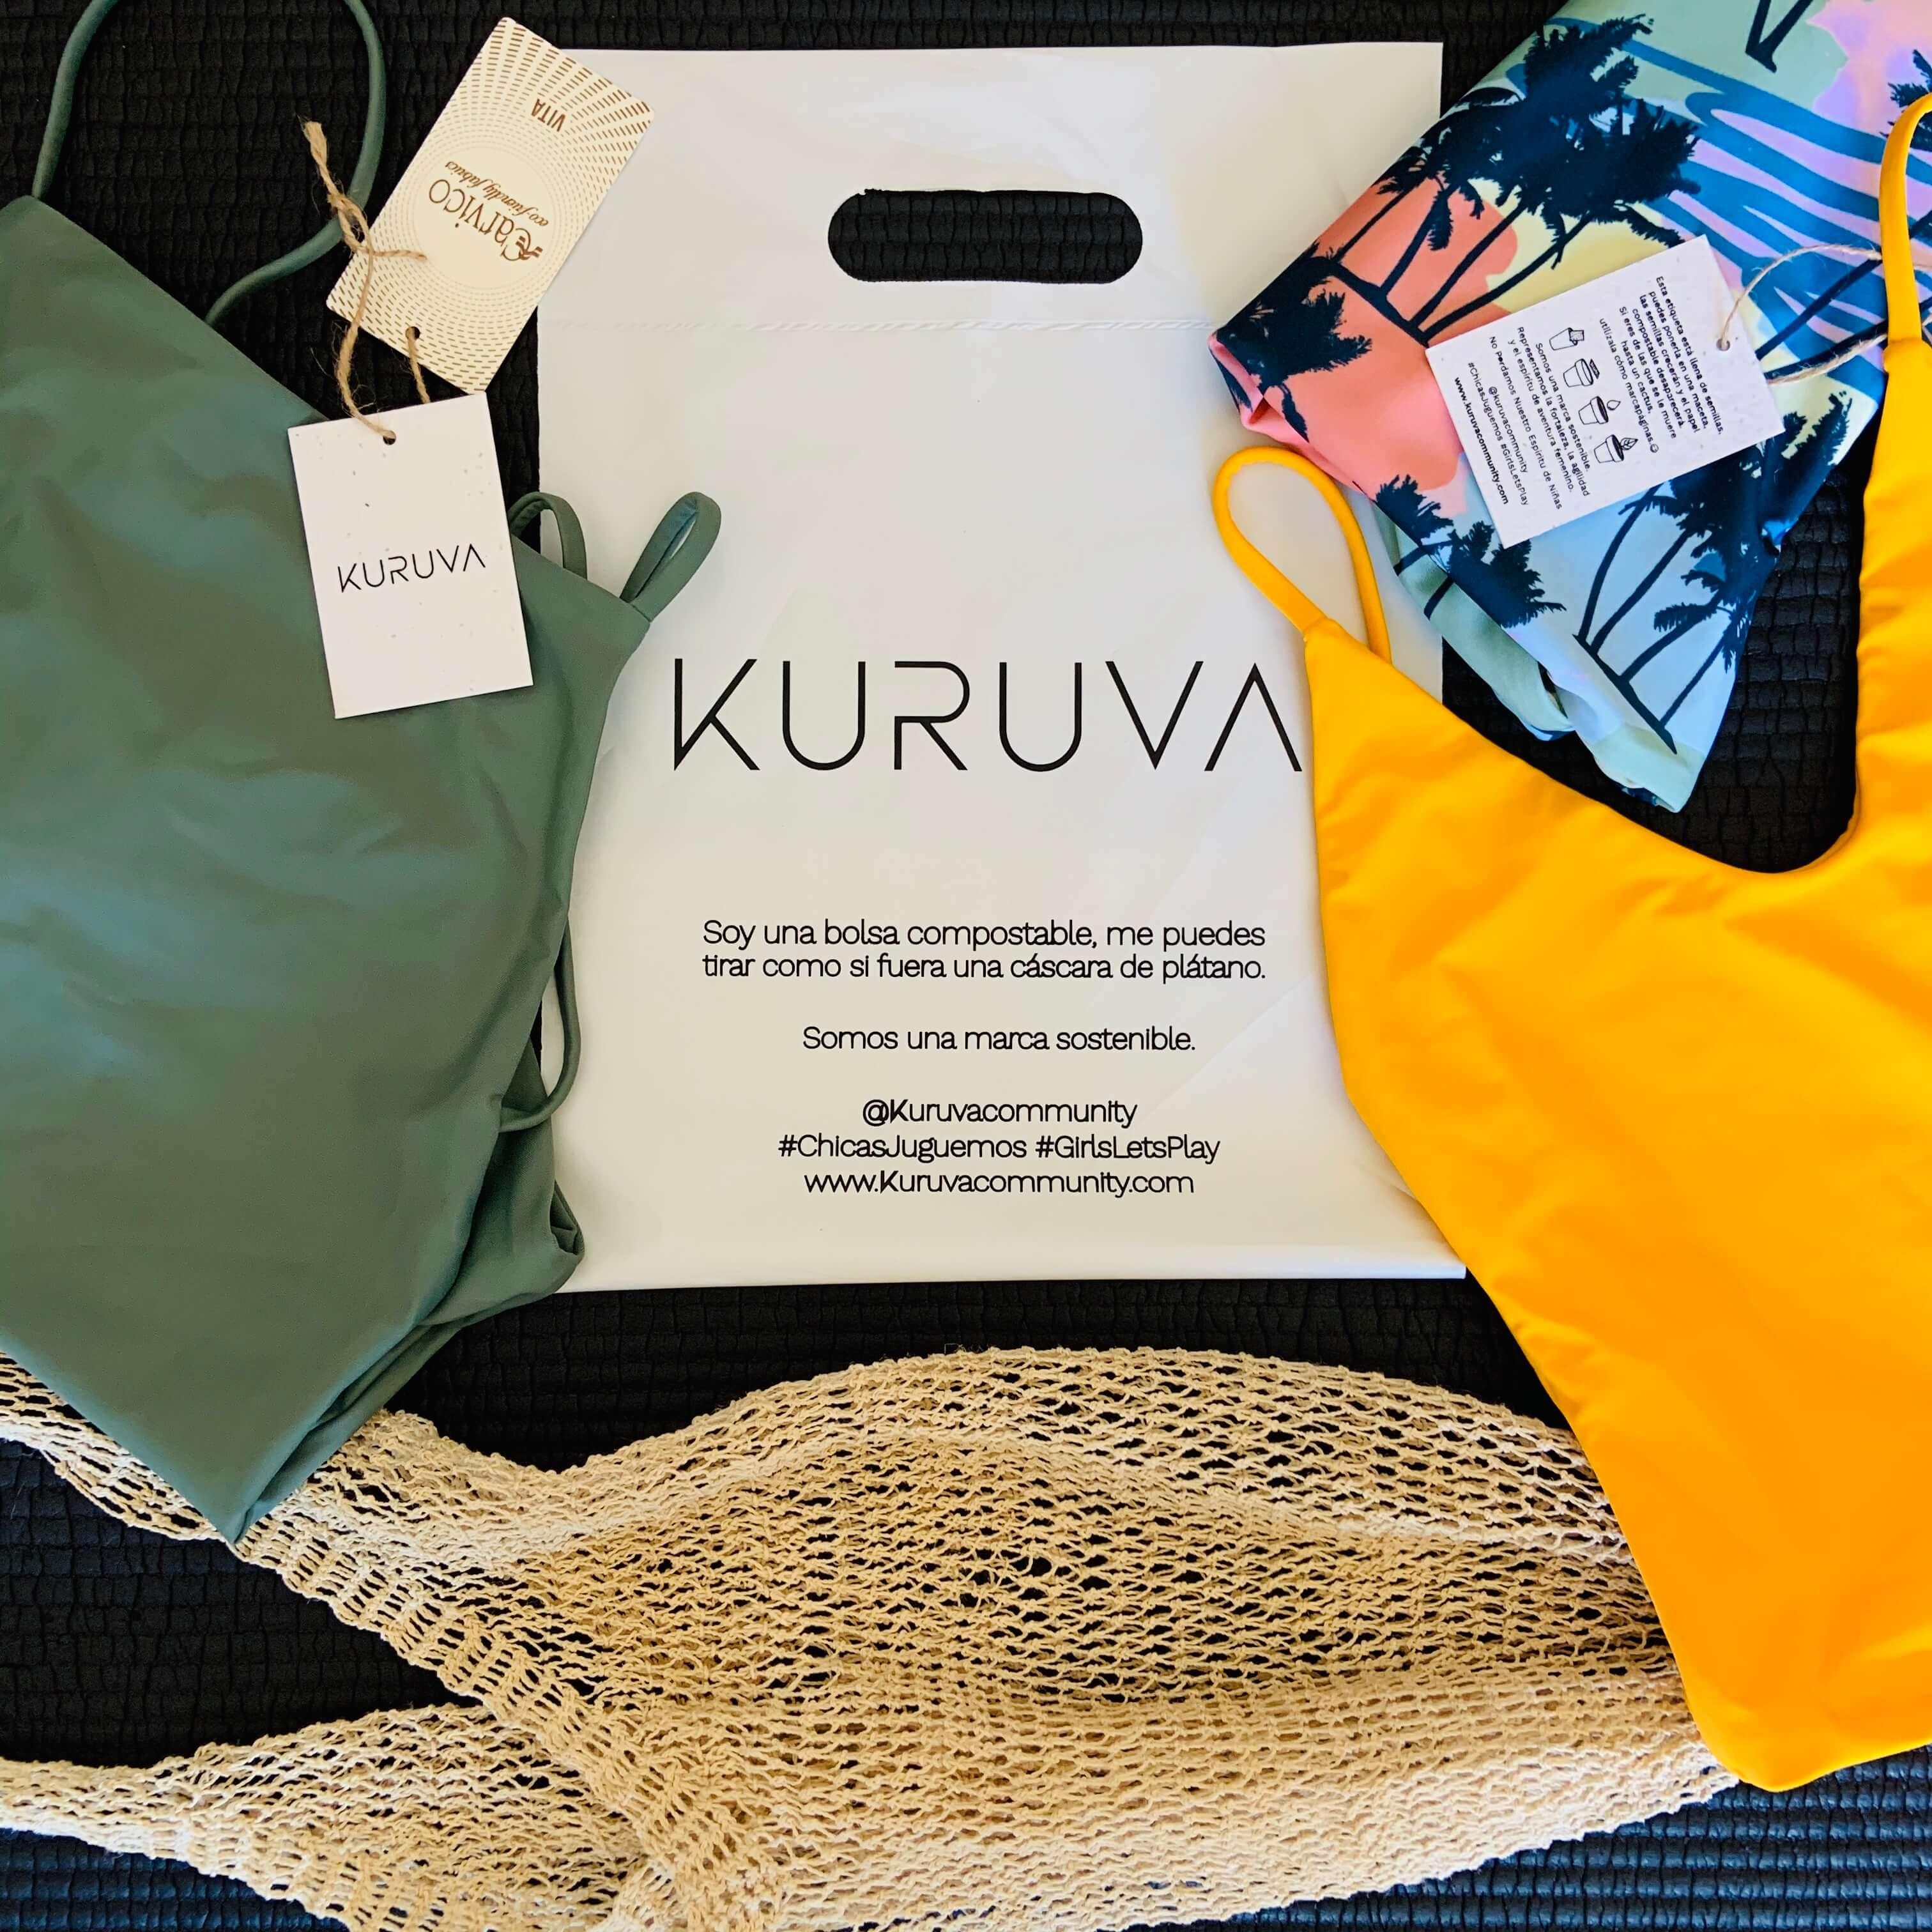 una bolsa compostable y varios bañadores de Kuruva